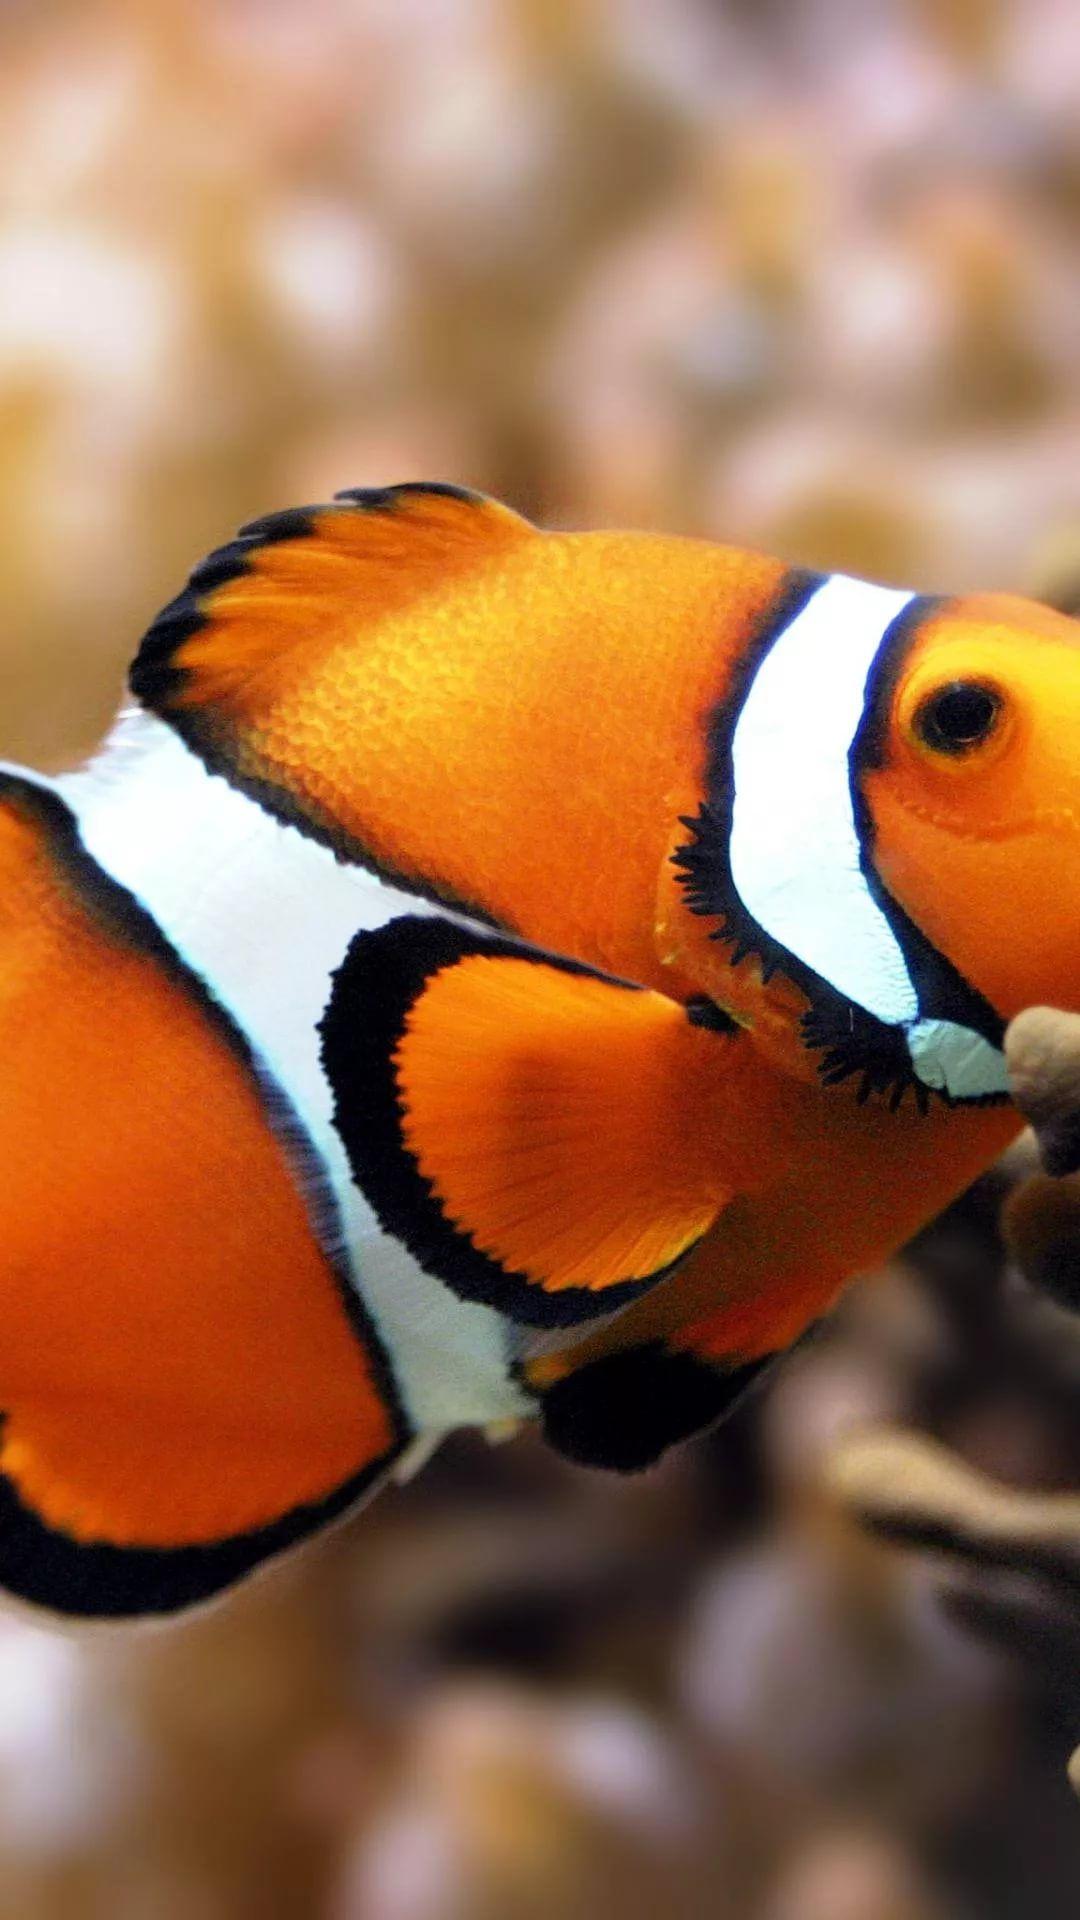 Fish screen saver wallpaper